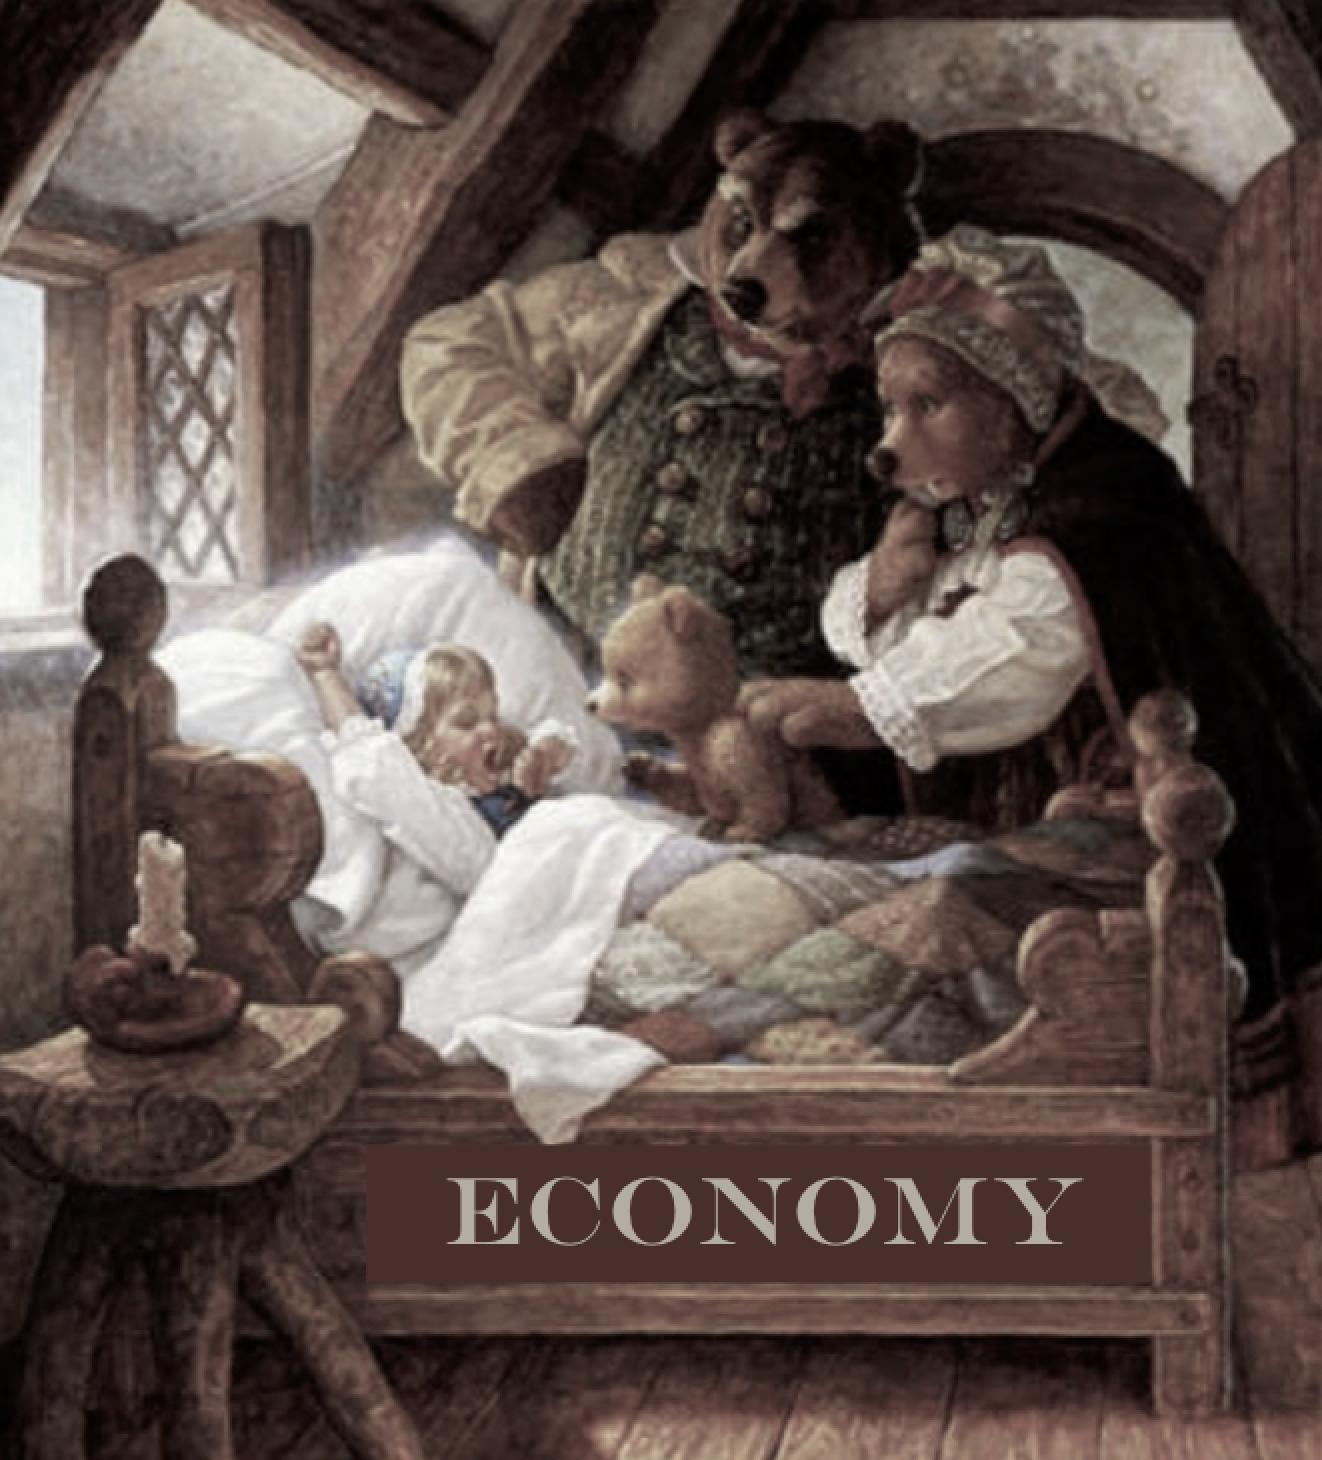 Goldilocks and the economy